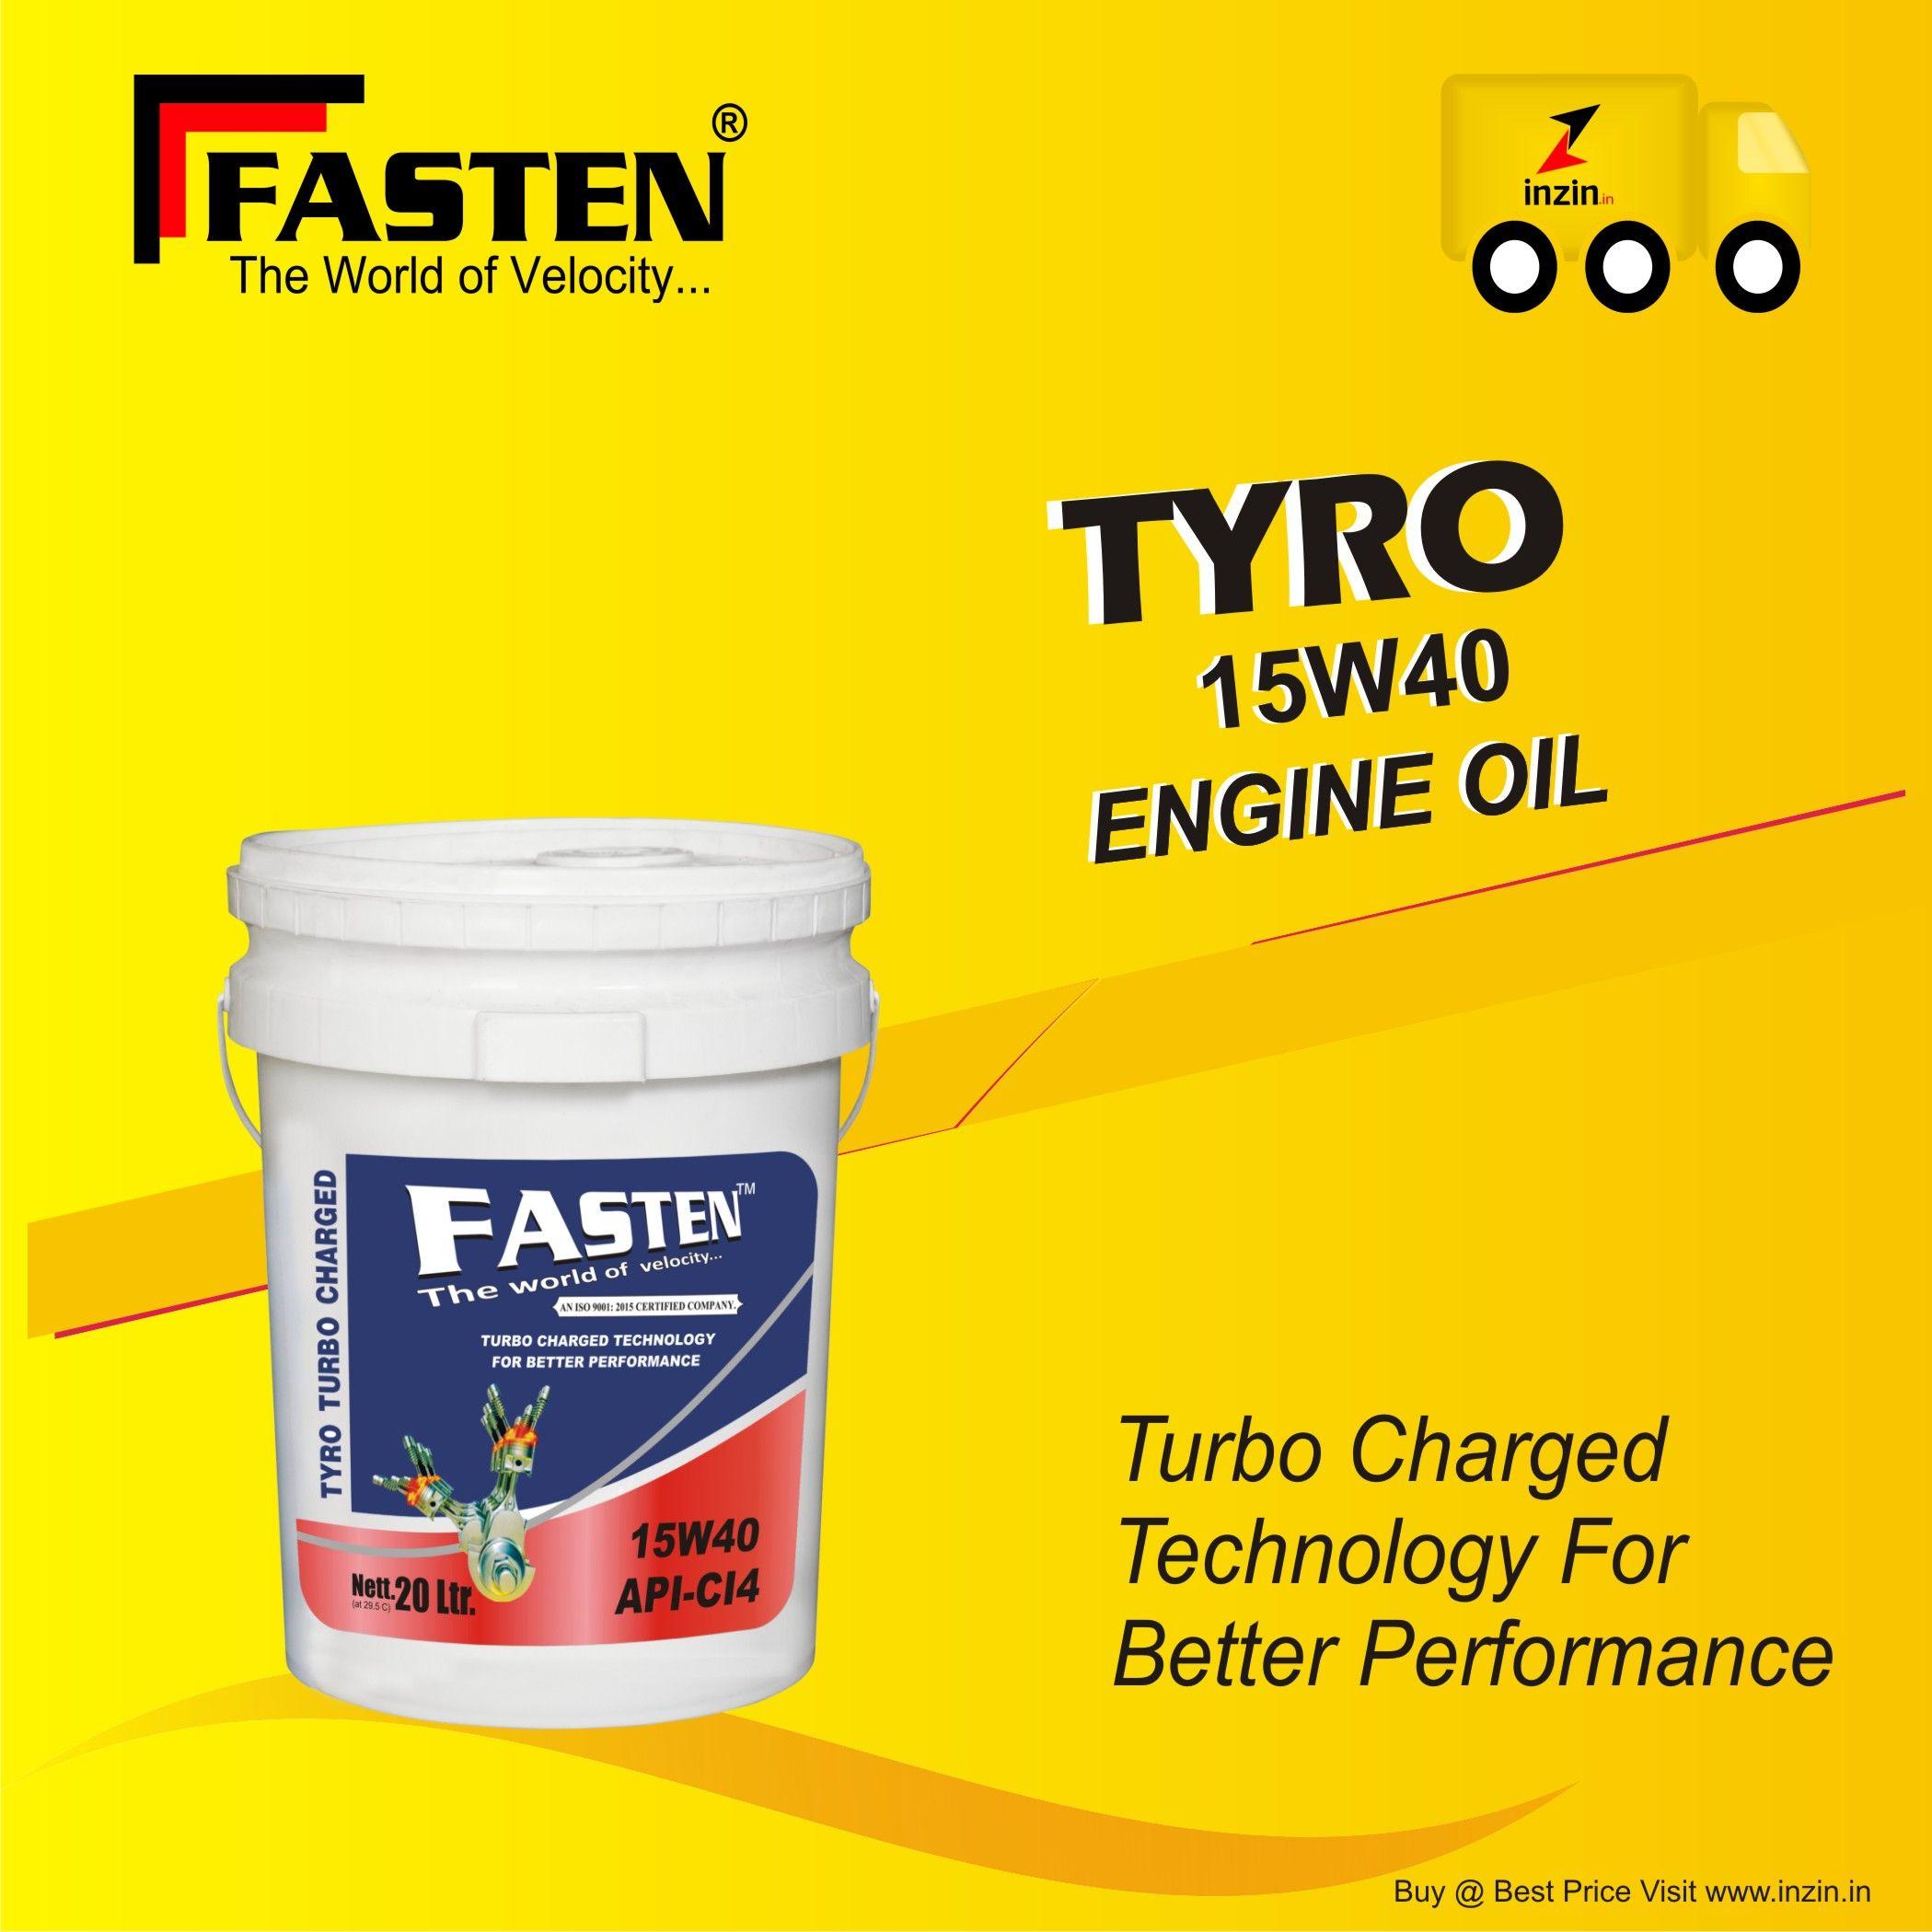 Tyro 15w40 is Heavy duty engine oil 15w40 multi grade diesel